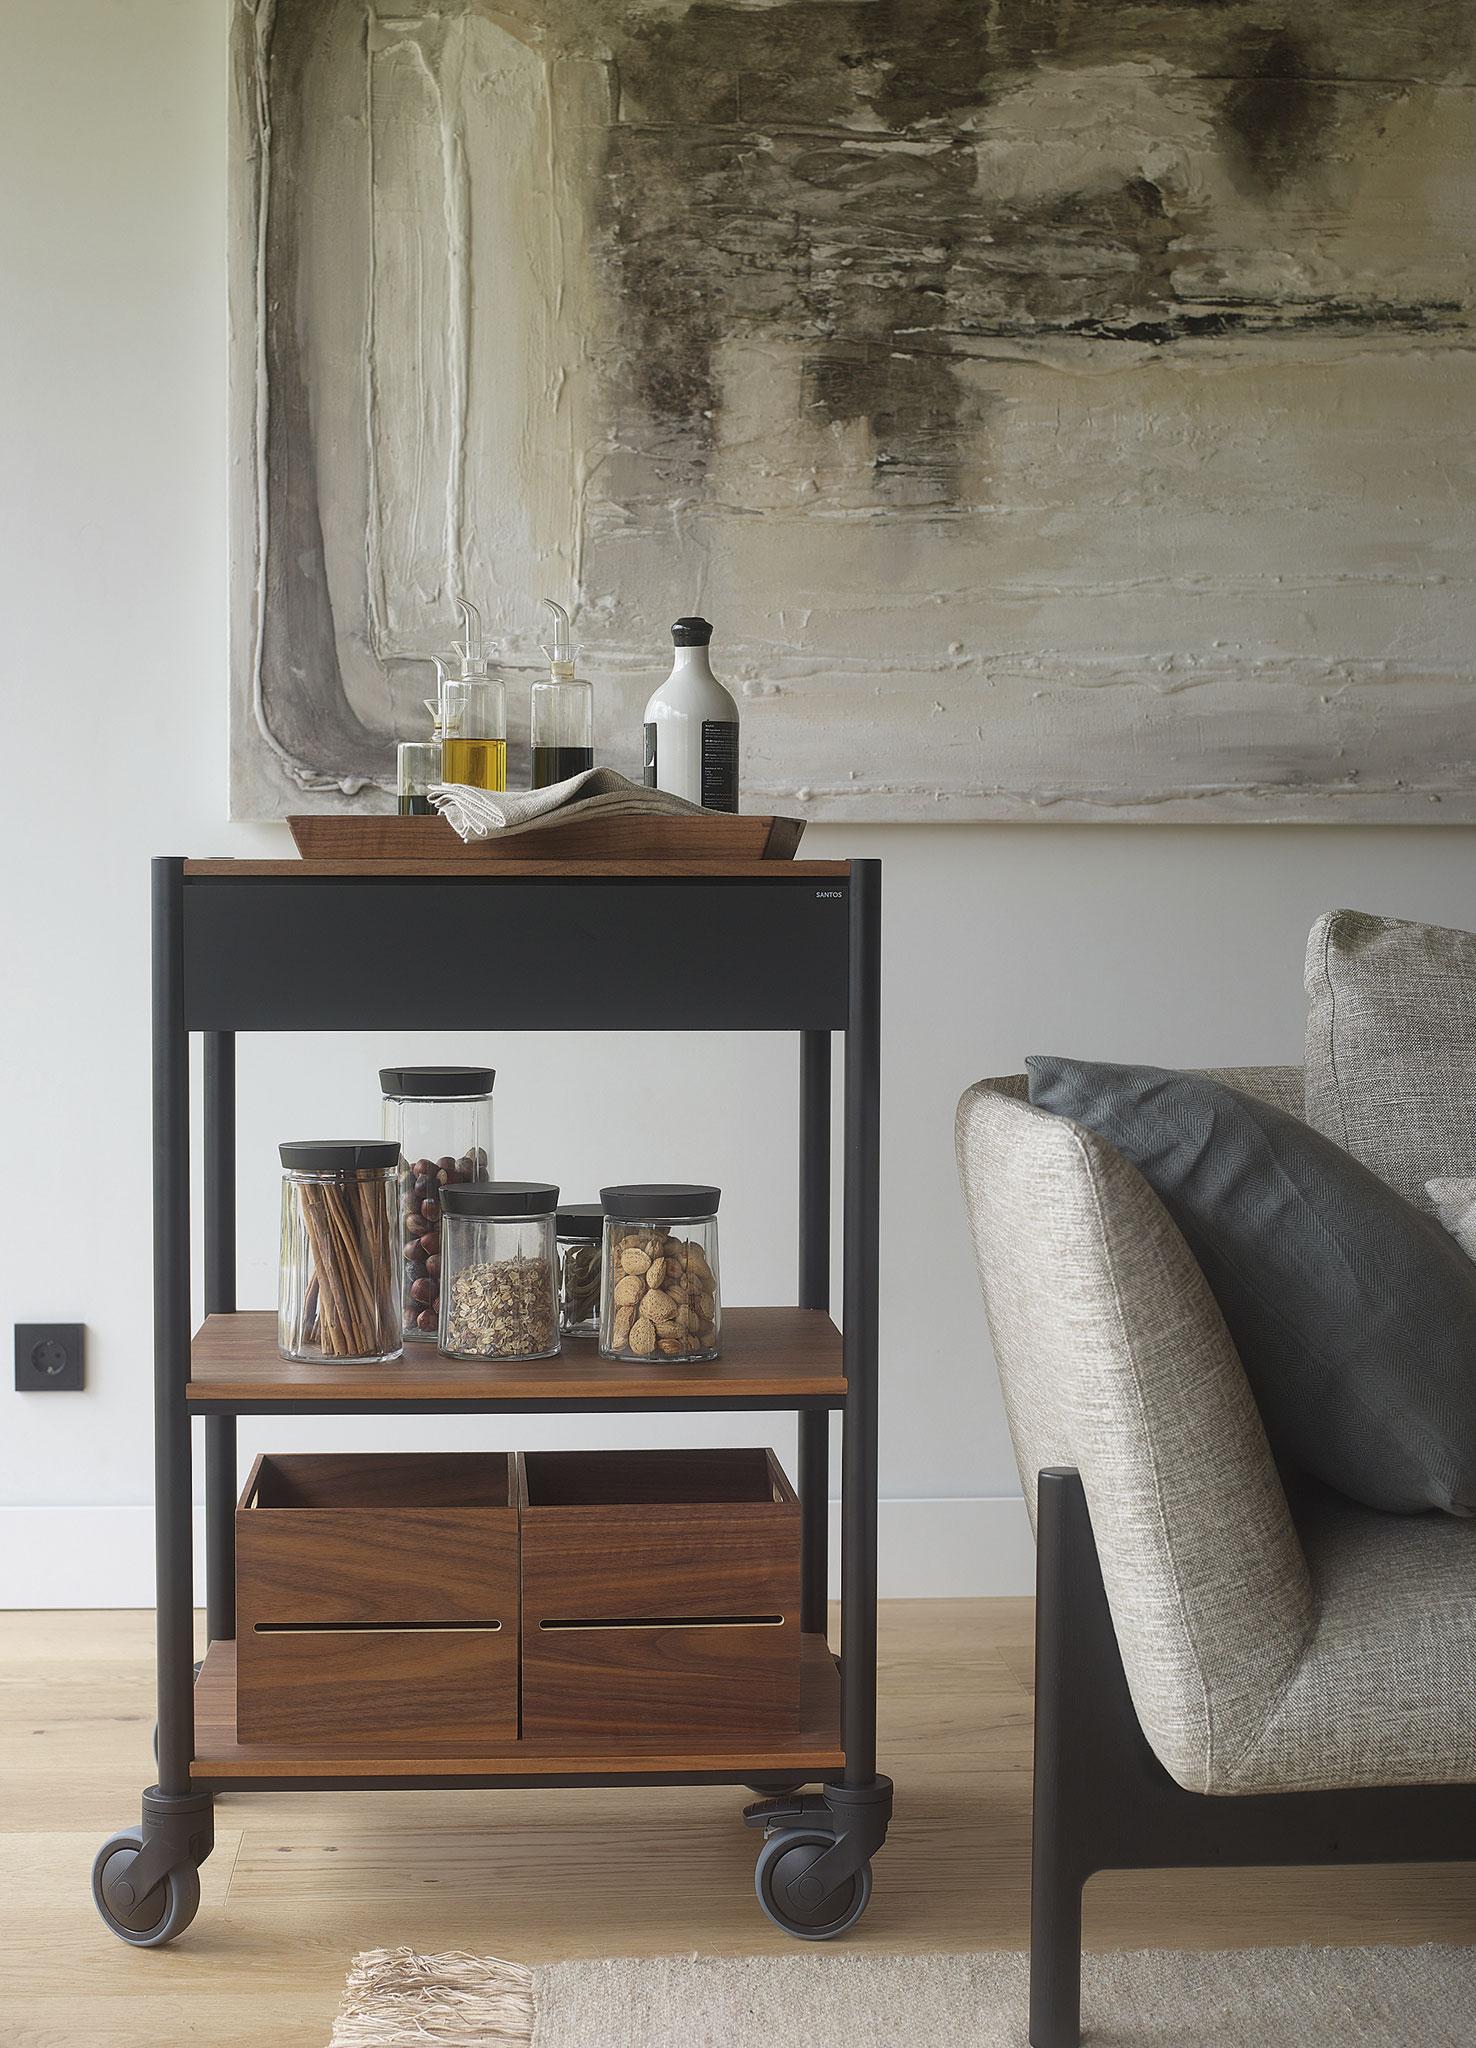 Carrito Multifunción. Santiago Interiores muebles para el hogar